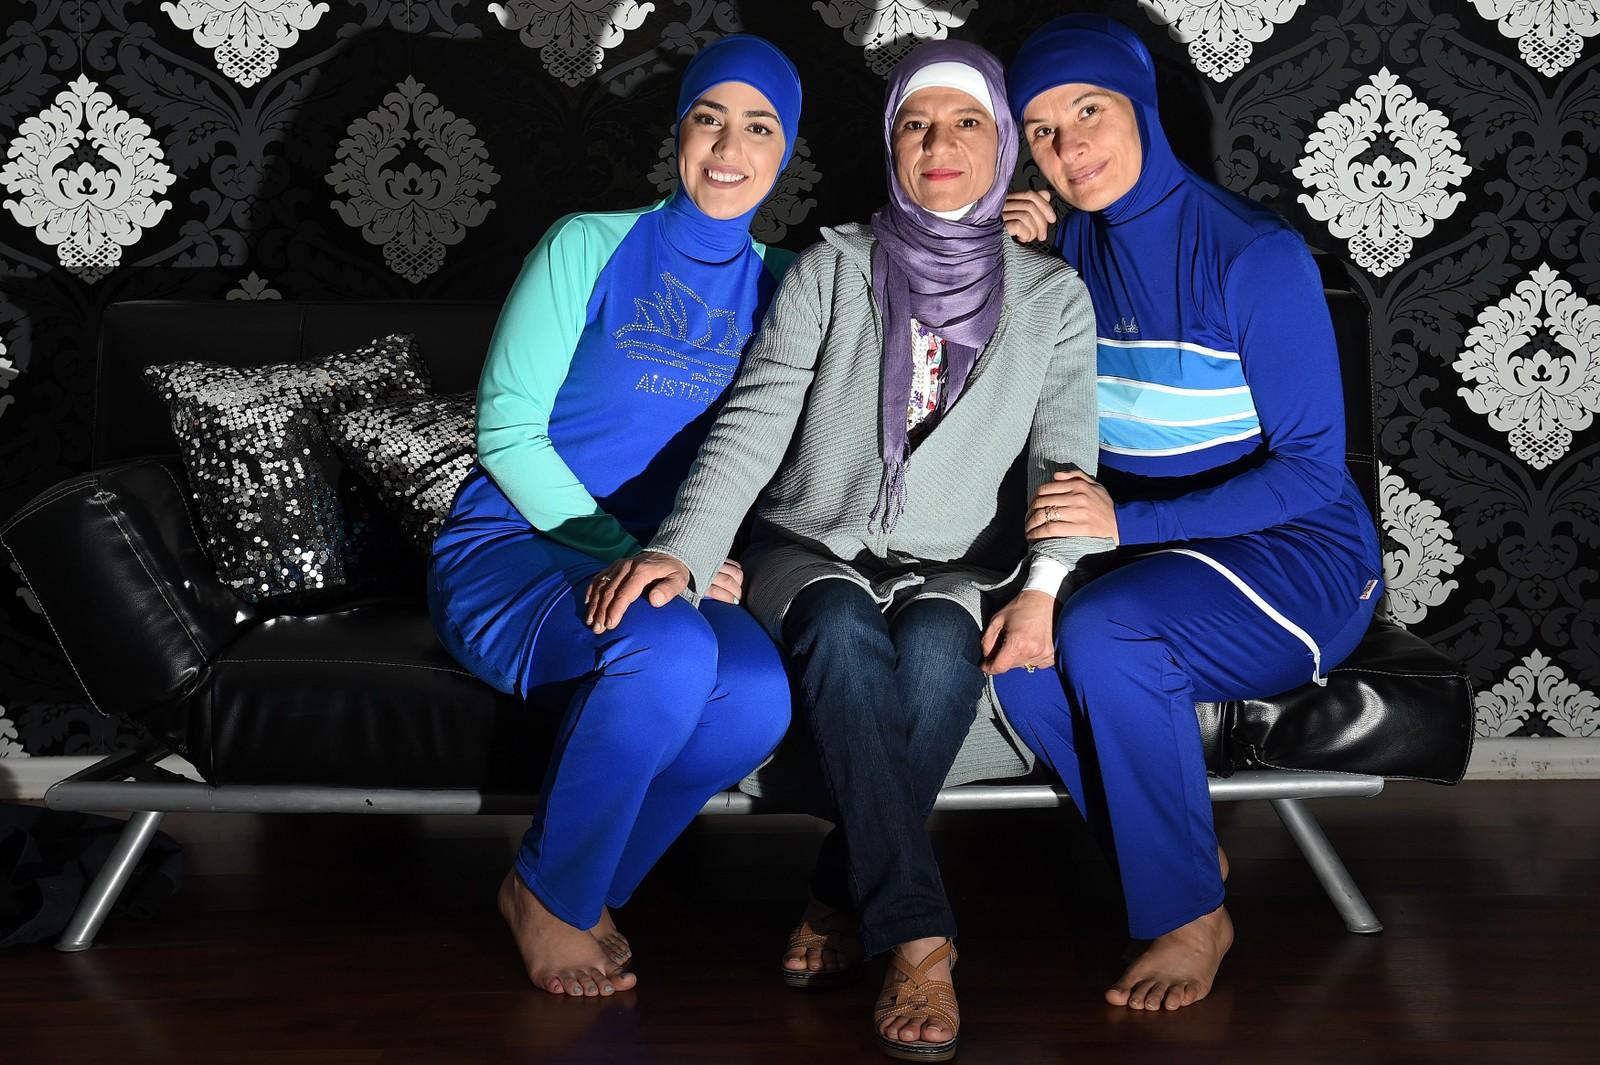 Den australsk-libanesiske designeren Aheda Zanetti (i midten) sitter sammen med to modeller som har på seg badedrakta burkinien hun har laget.